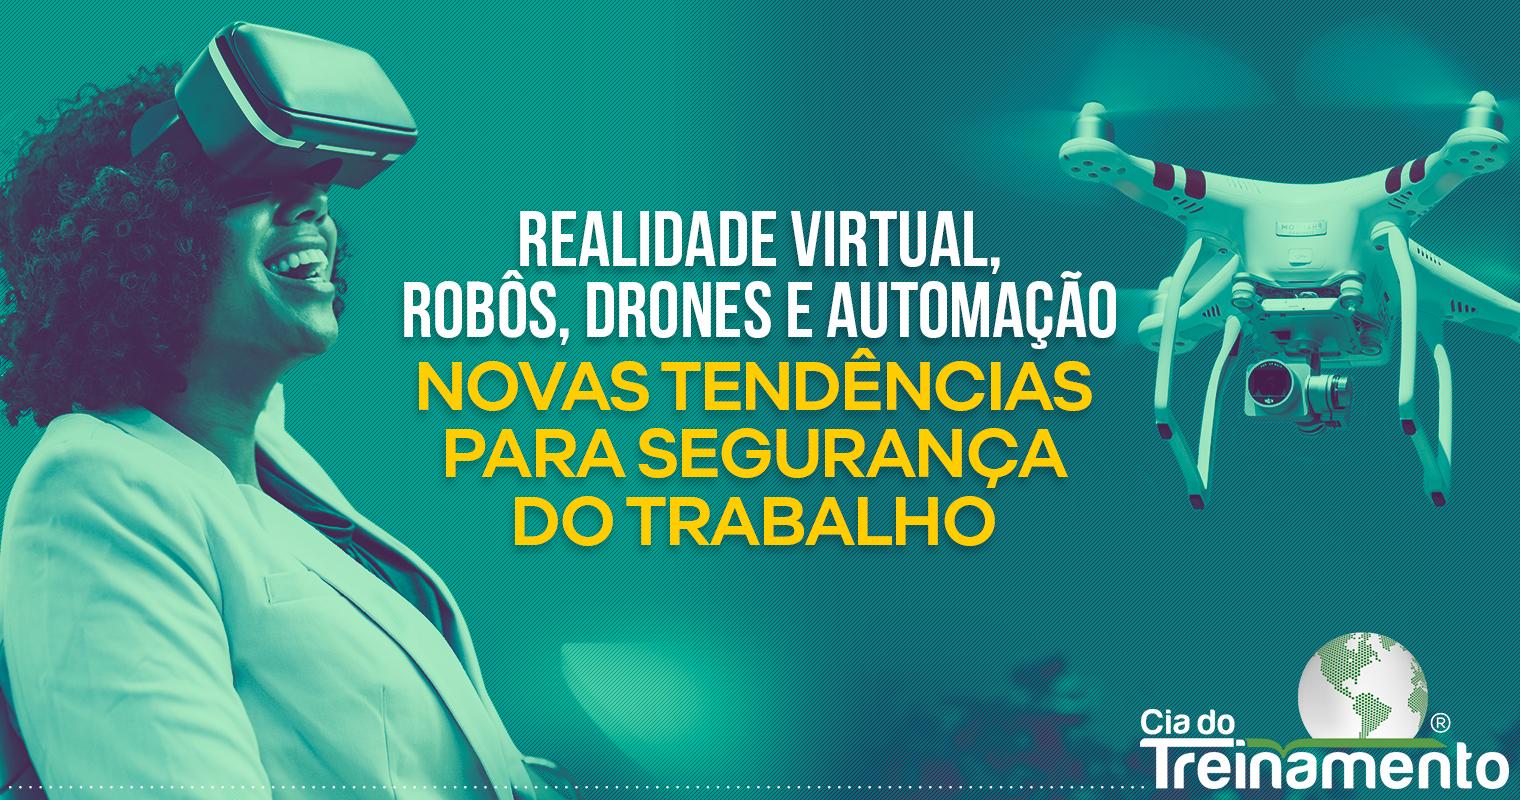 Realidade virtual, robôs, drones e automação.